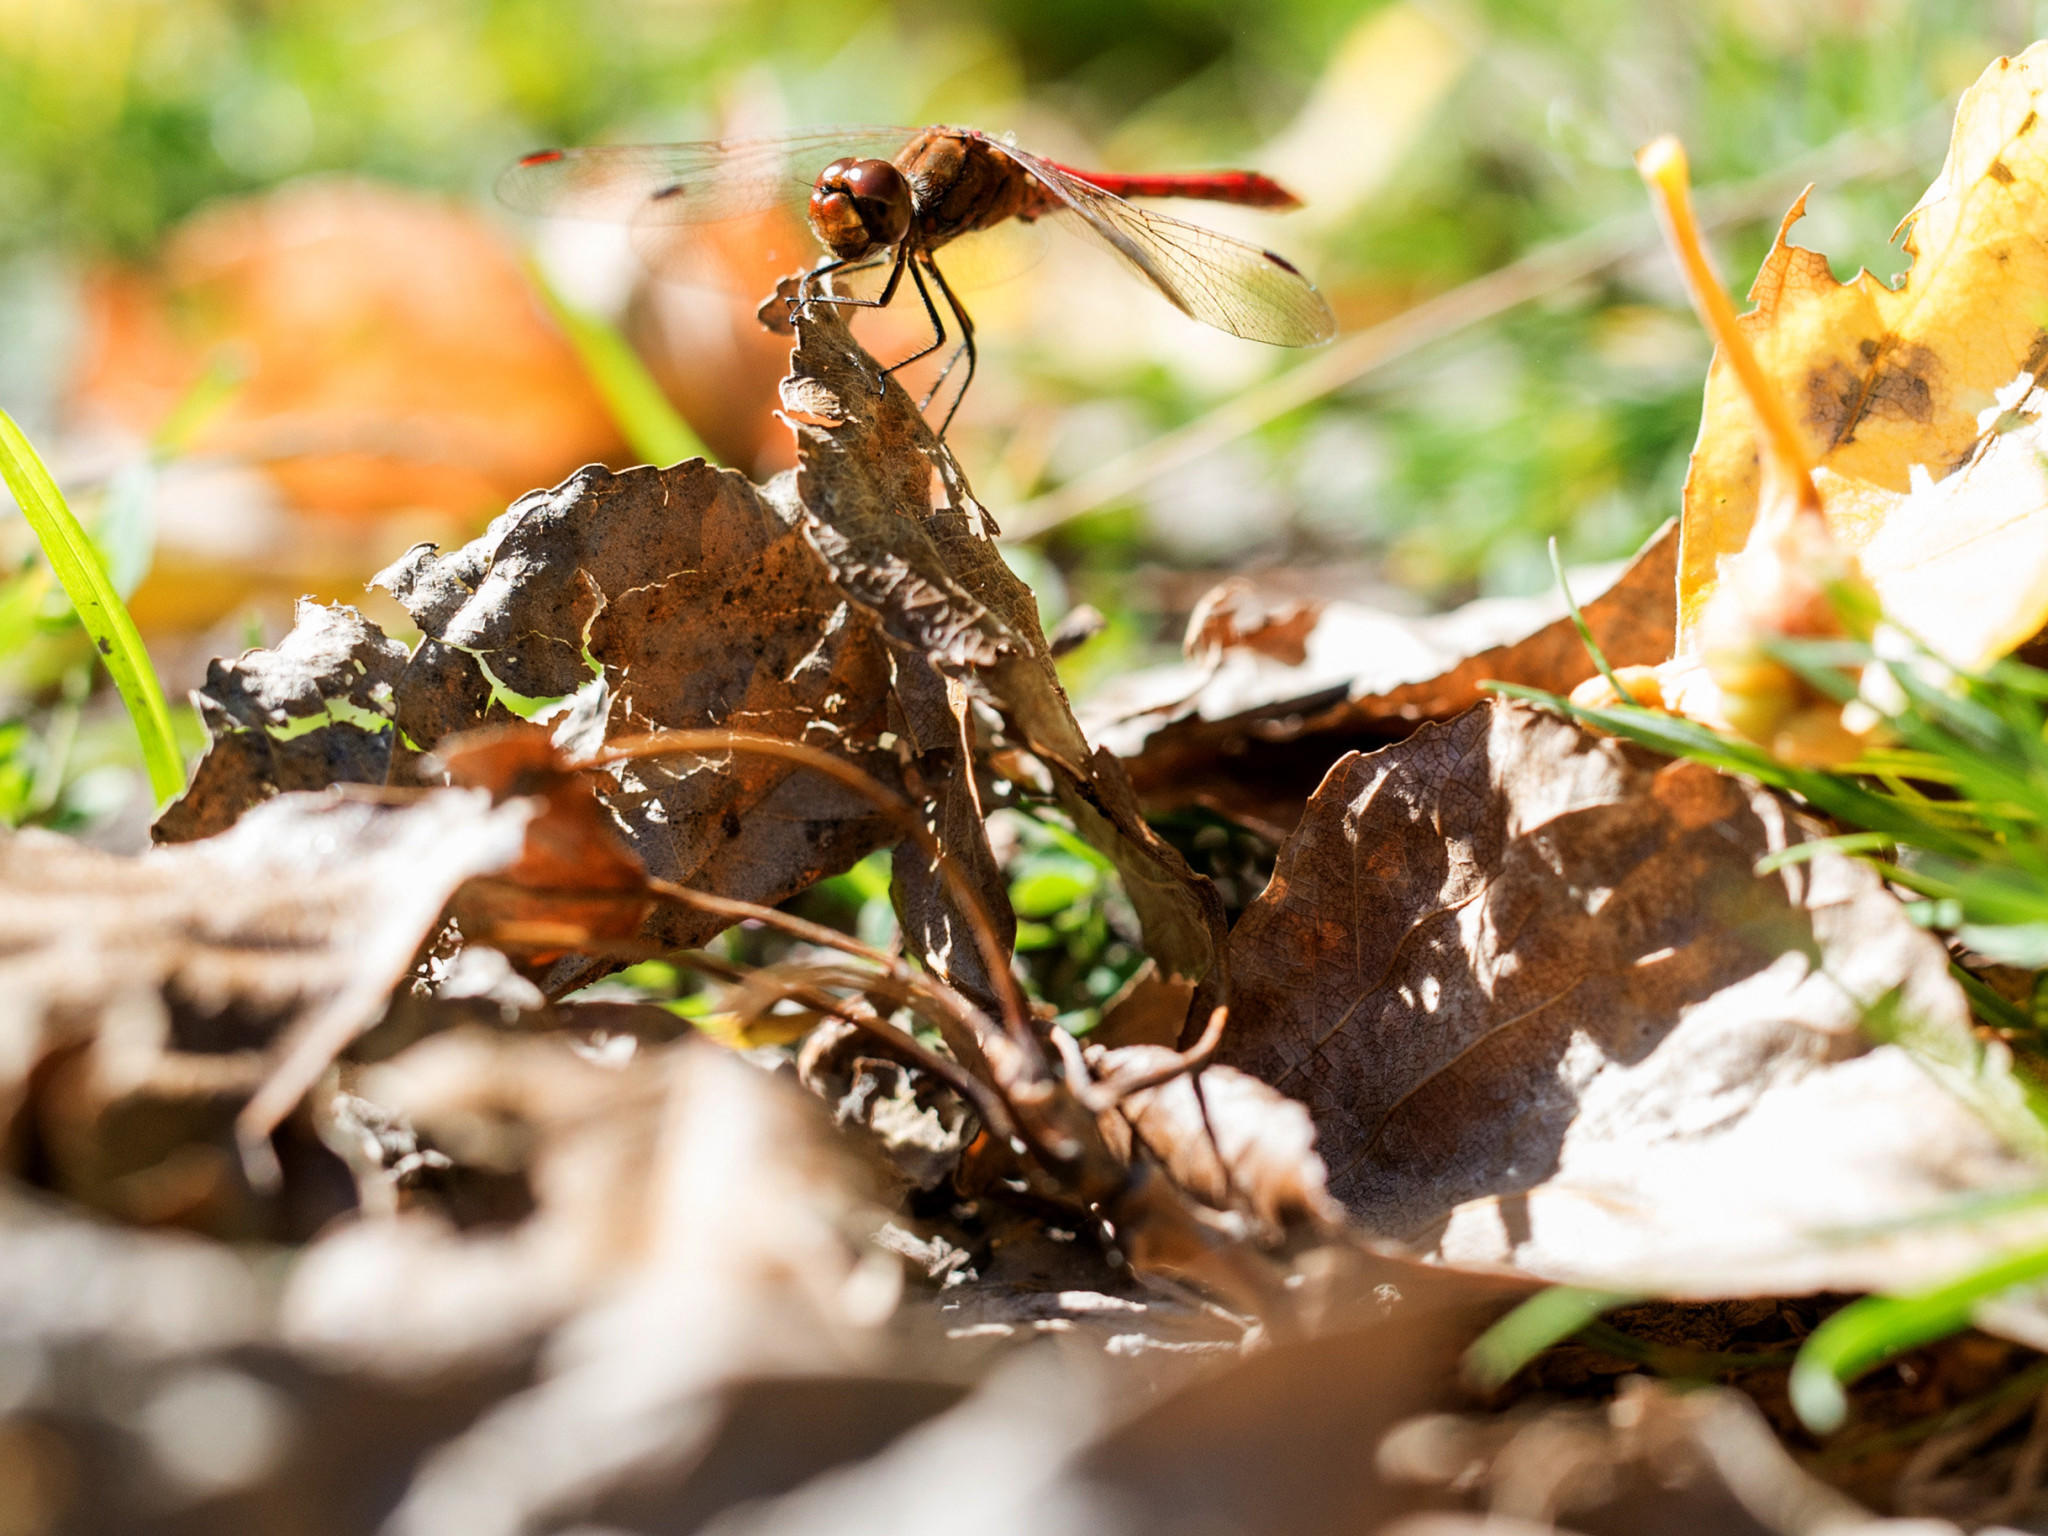 garten im oktober: das ist zu tun - und auf keinen fall die rosen, Gartengerate ideen